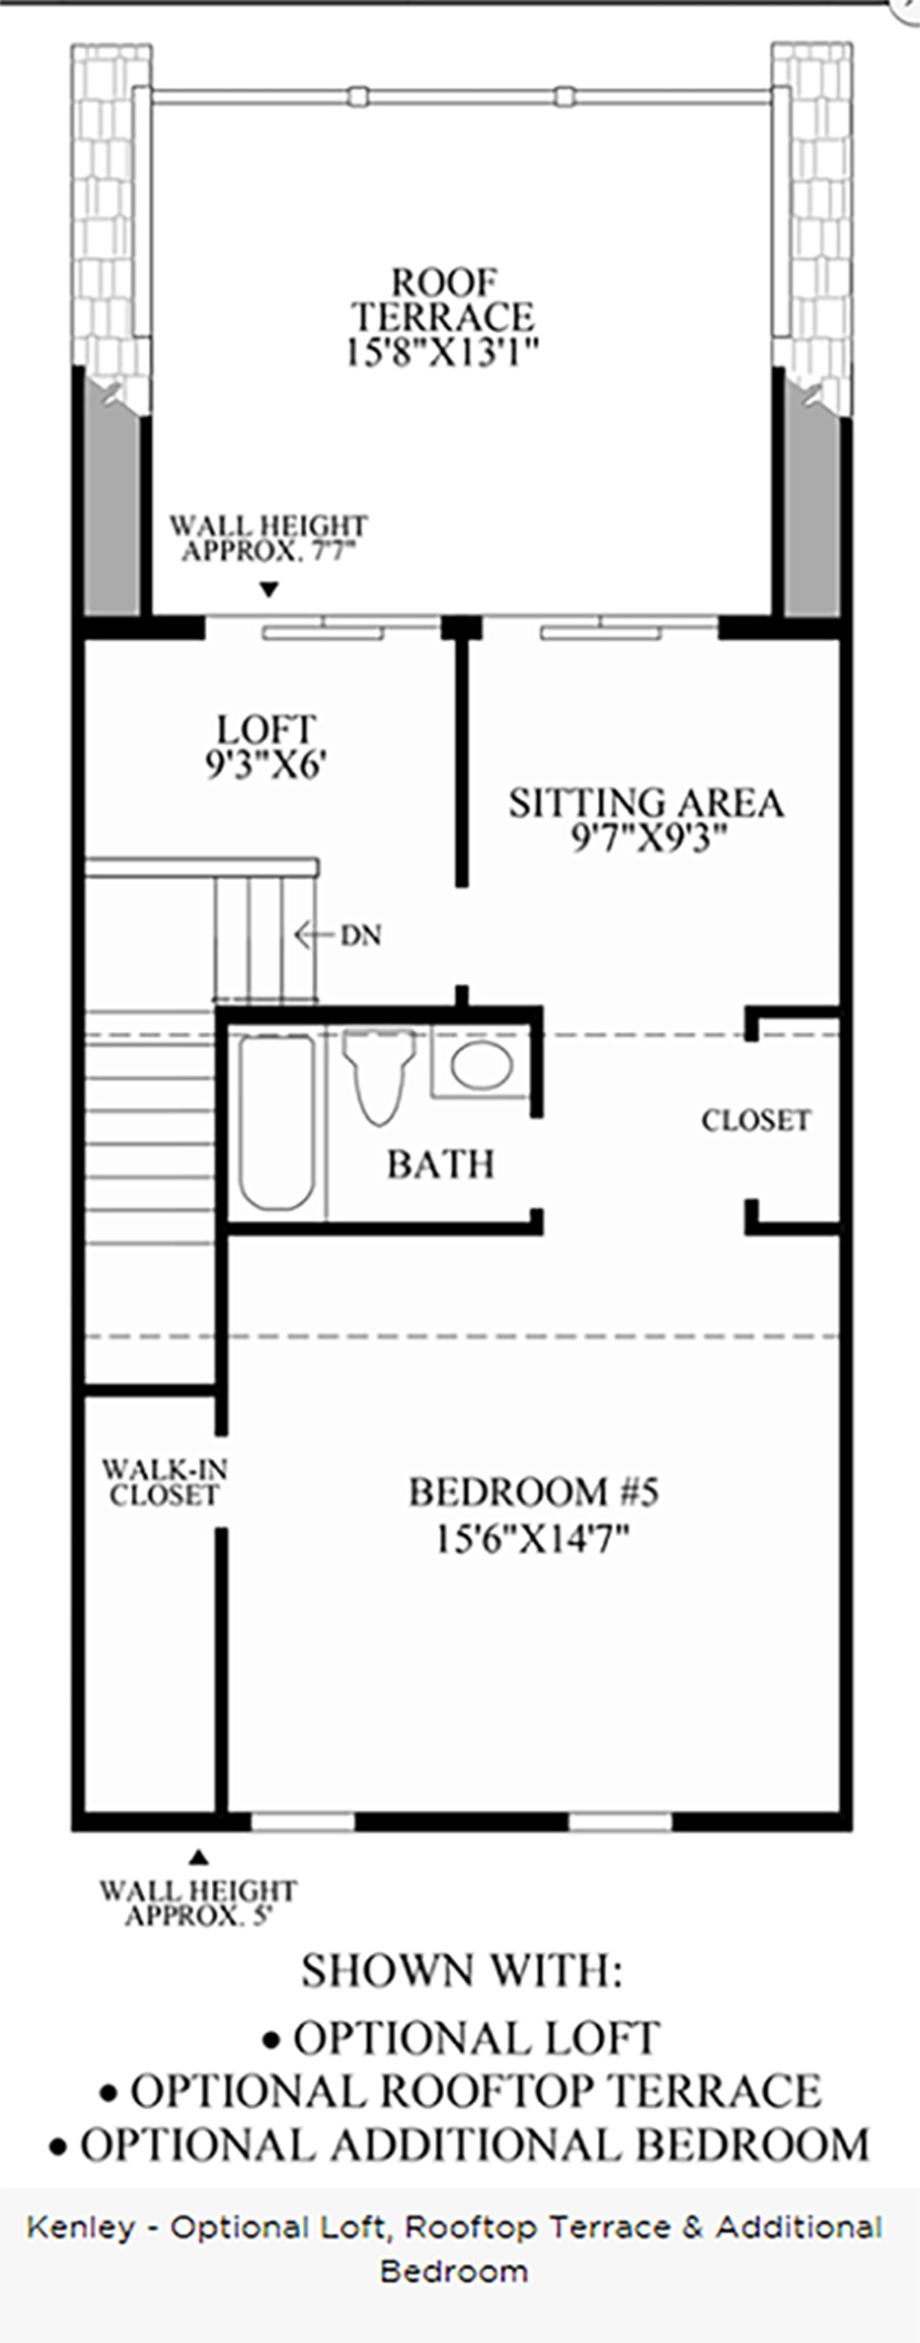 Optional Loft, Rooftop Terrace & Additional Bedroom Floor Plan